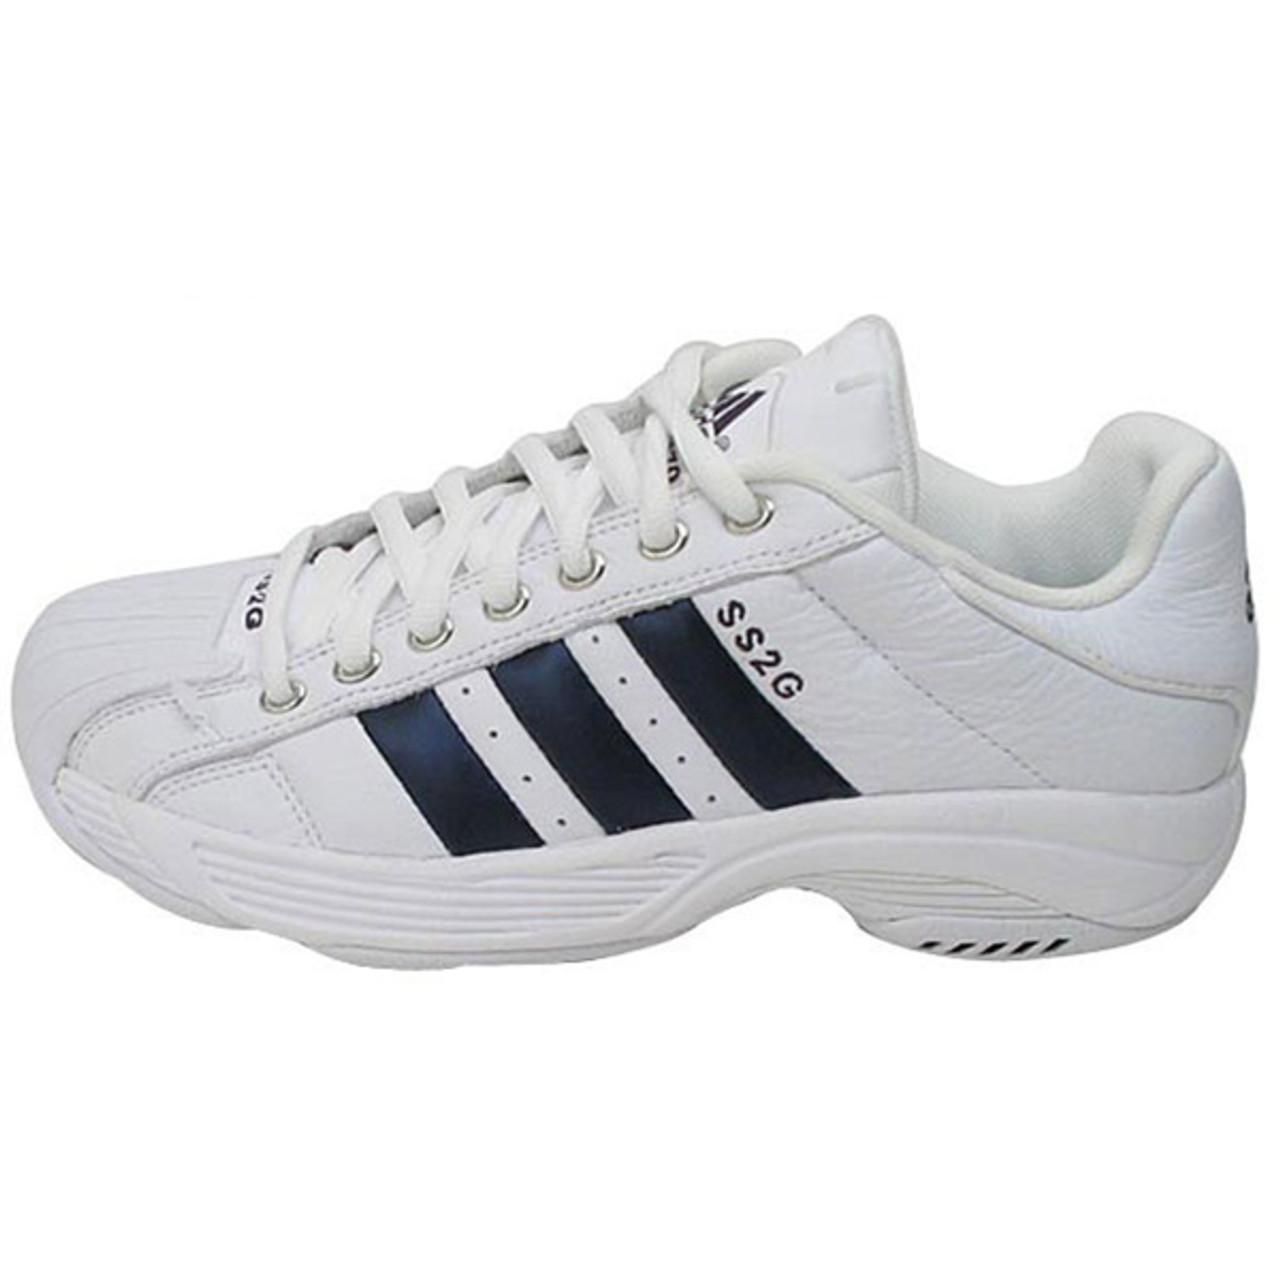 Adidas Superstar 2G Womens Basetball Shoe